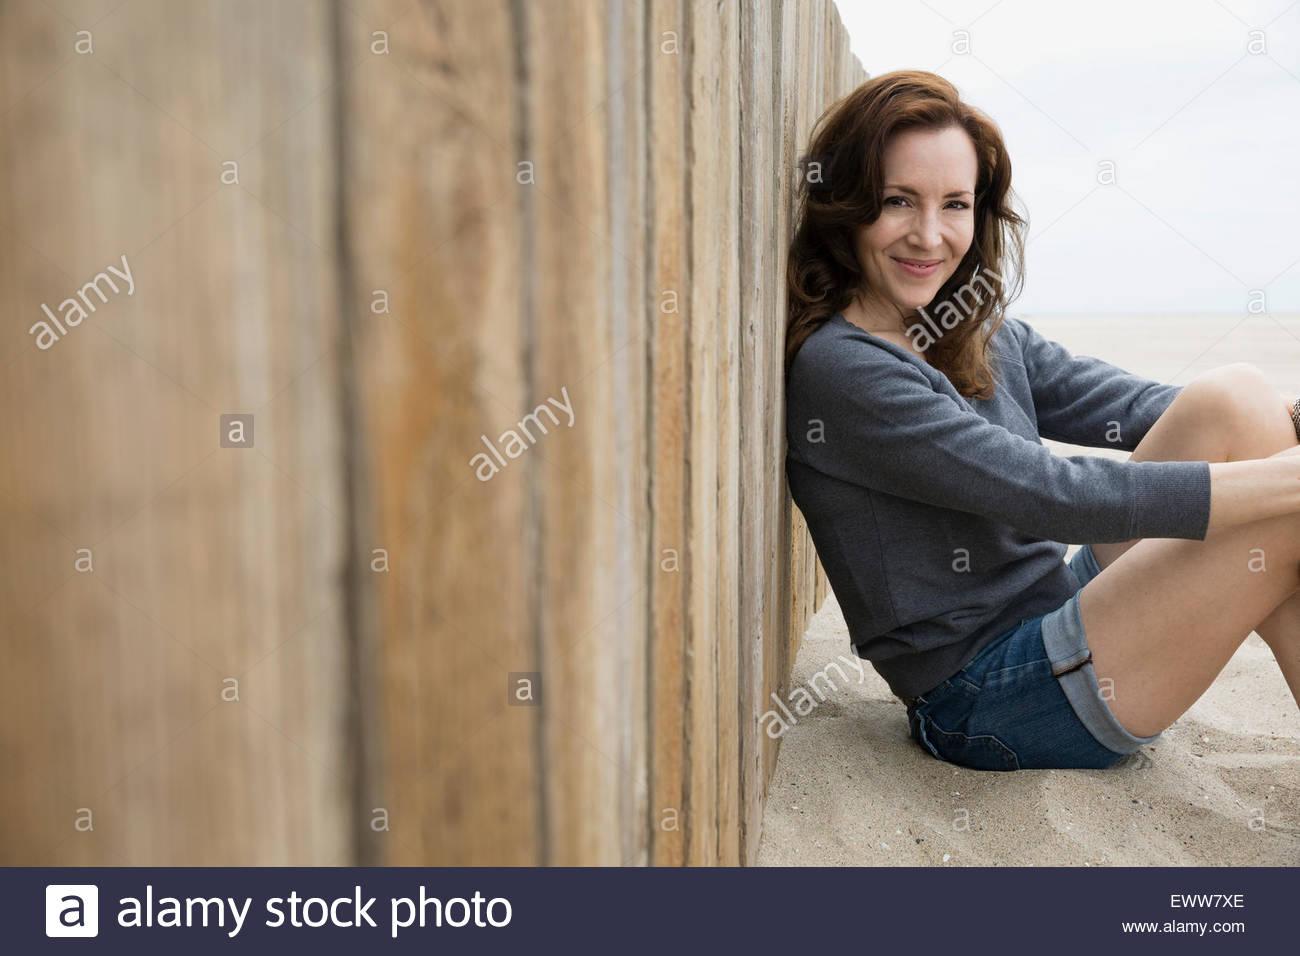 Morena sonriente retrato de mujer sentada en la playa muro Imagen De Stock